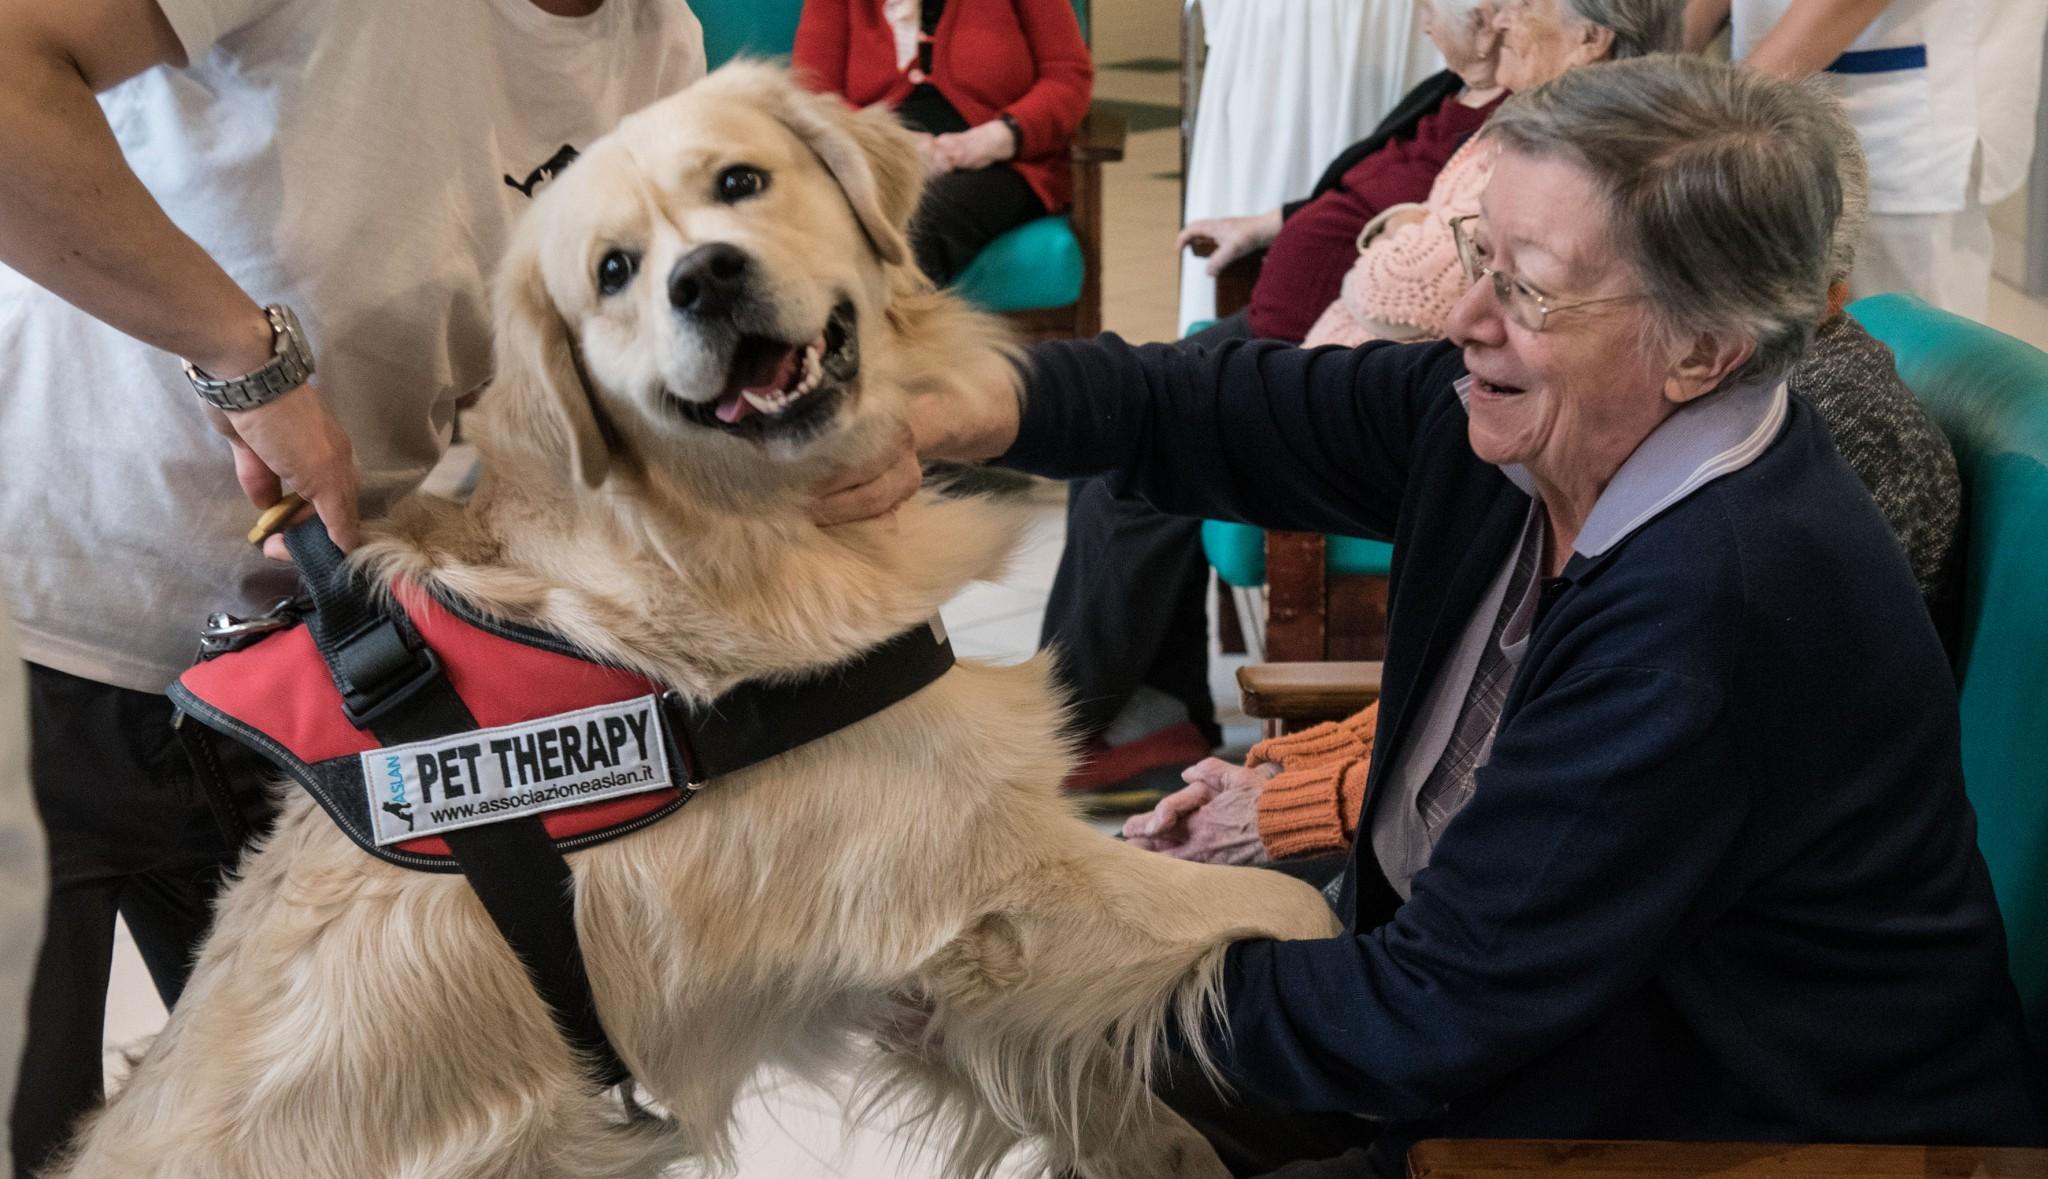 Tredicesime pet therapy e ospedali l aiuto di specchio - Specchio dei tempi torino ...